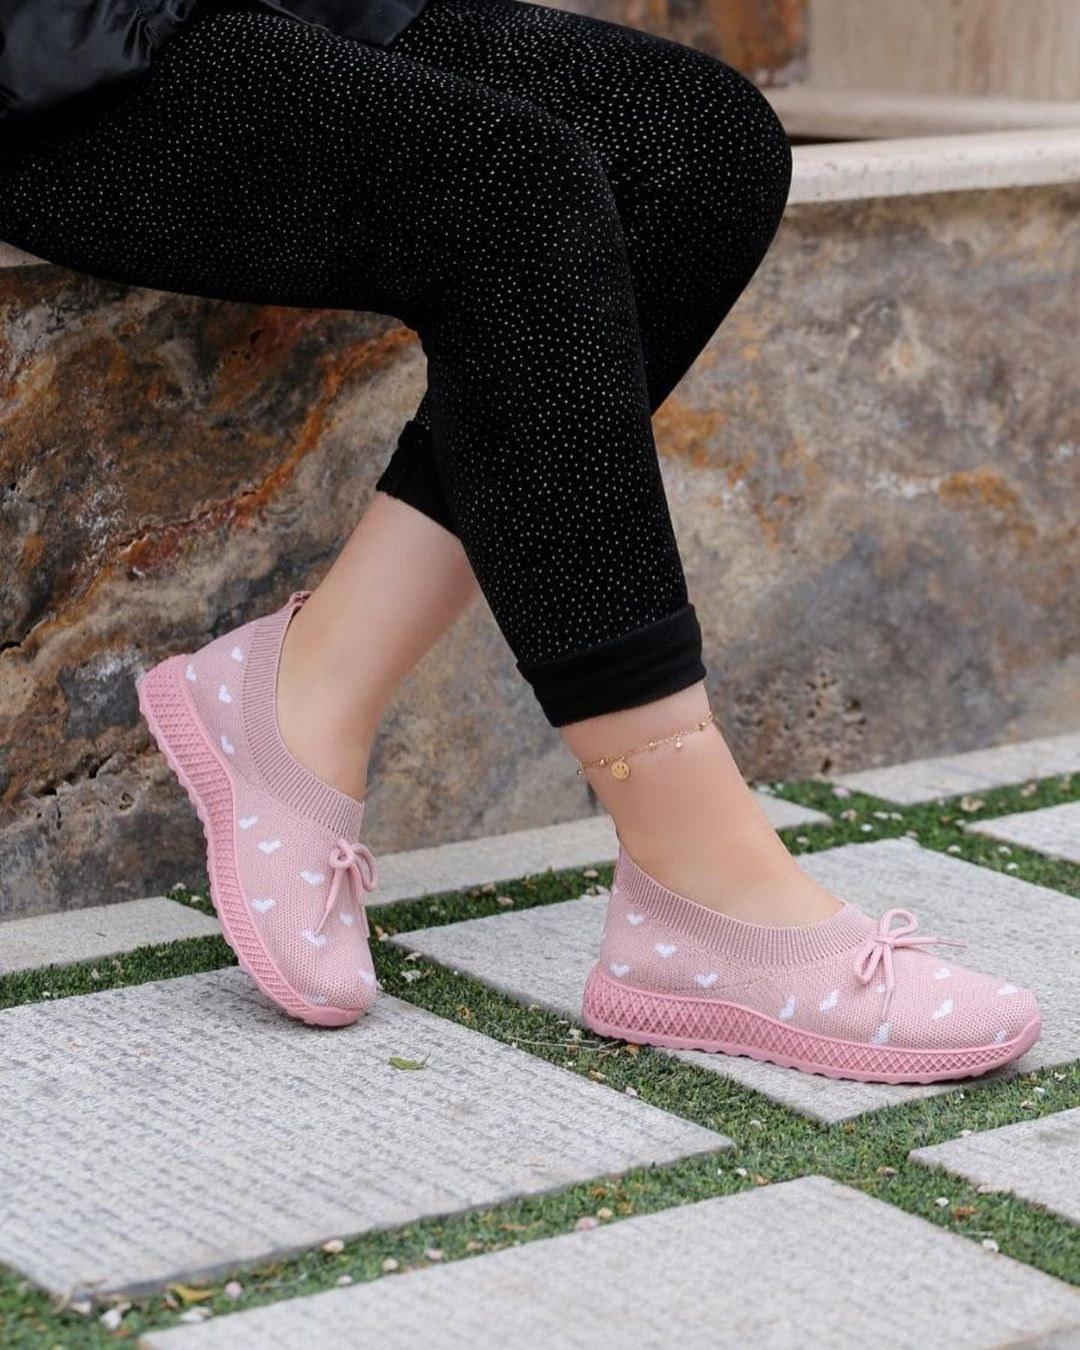 کفش دخترانه اسپورت مدل اسکای